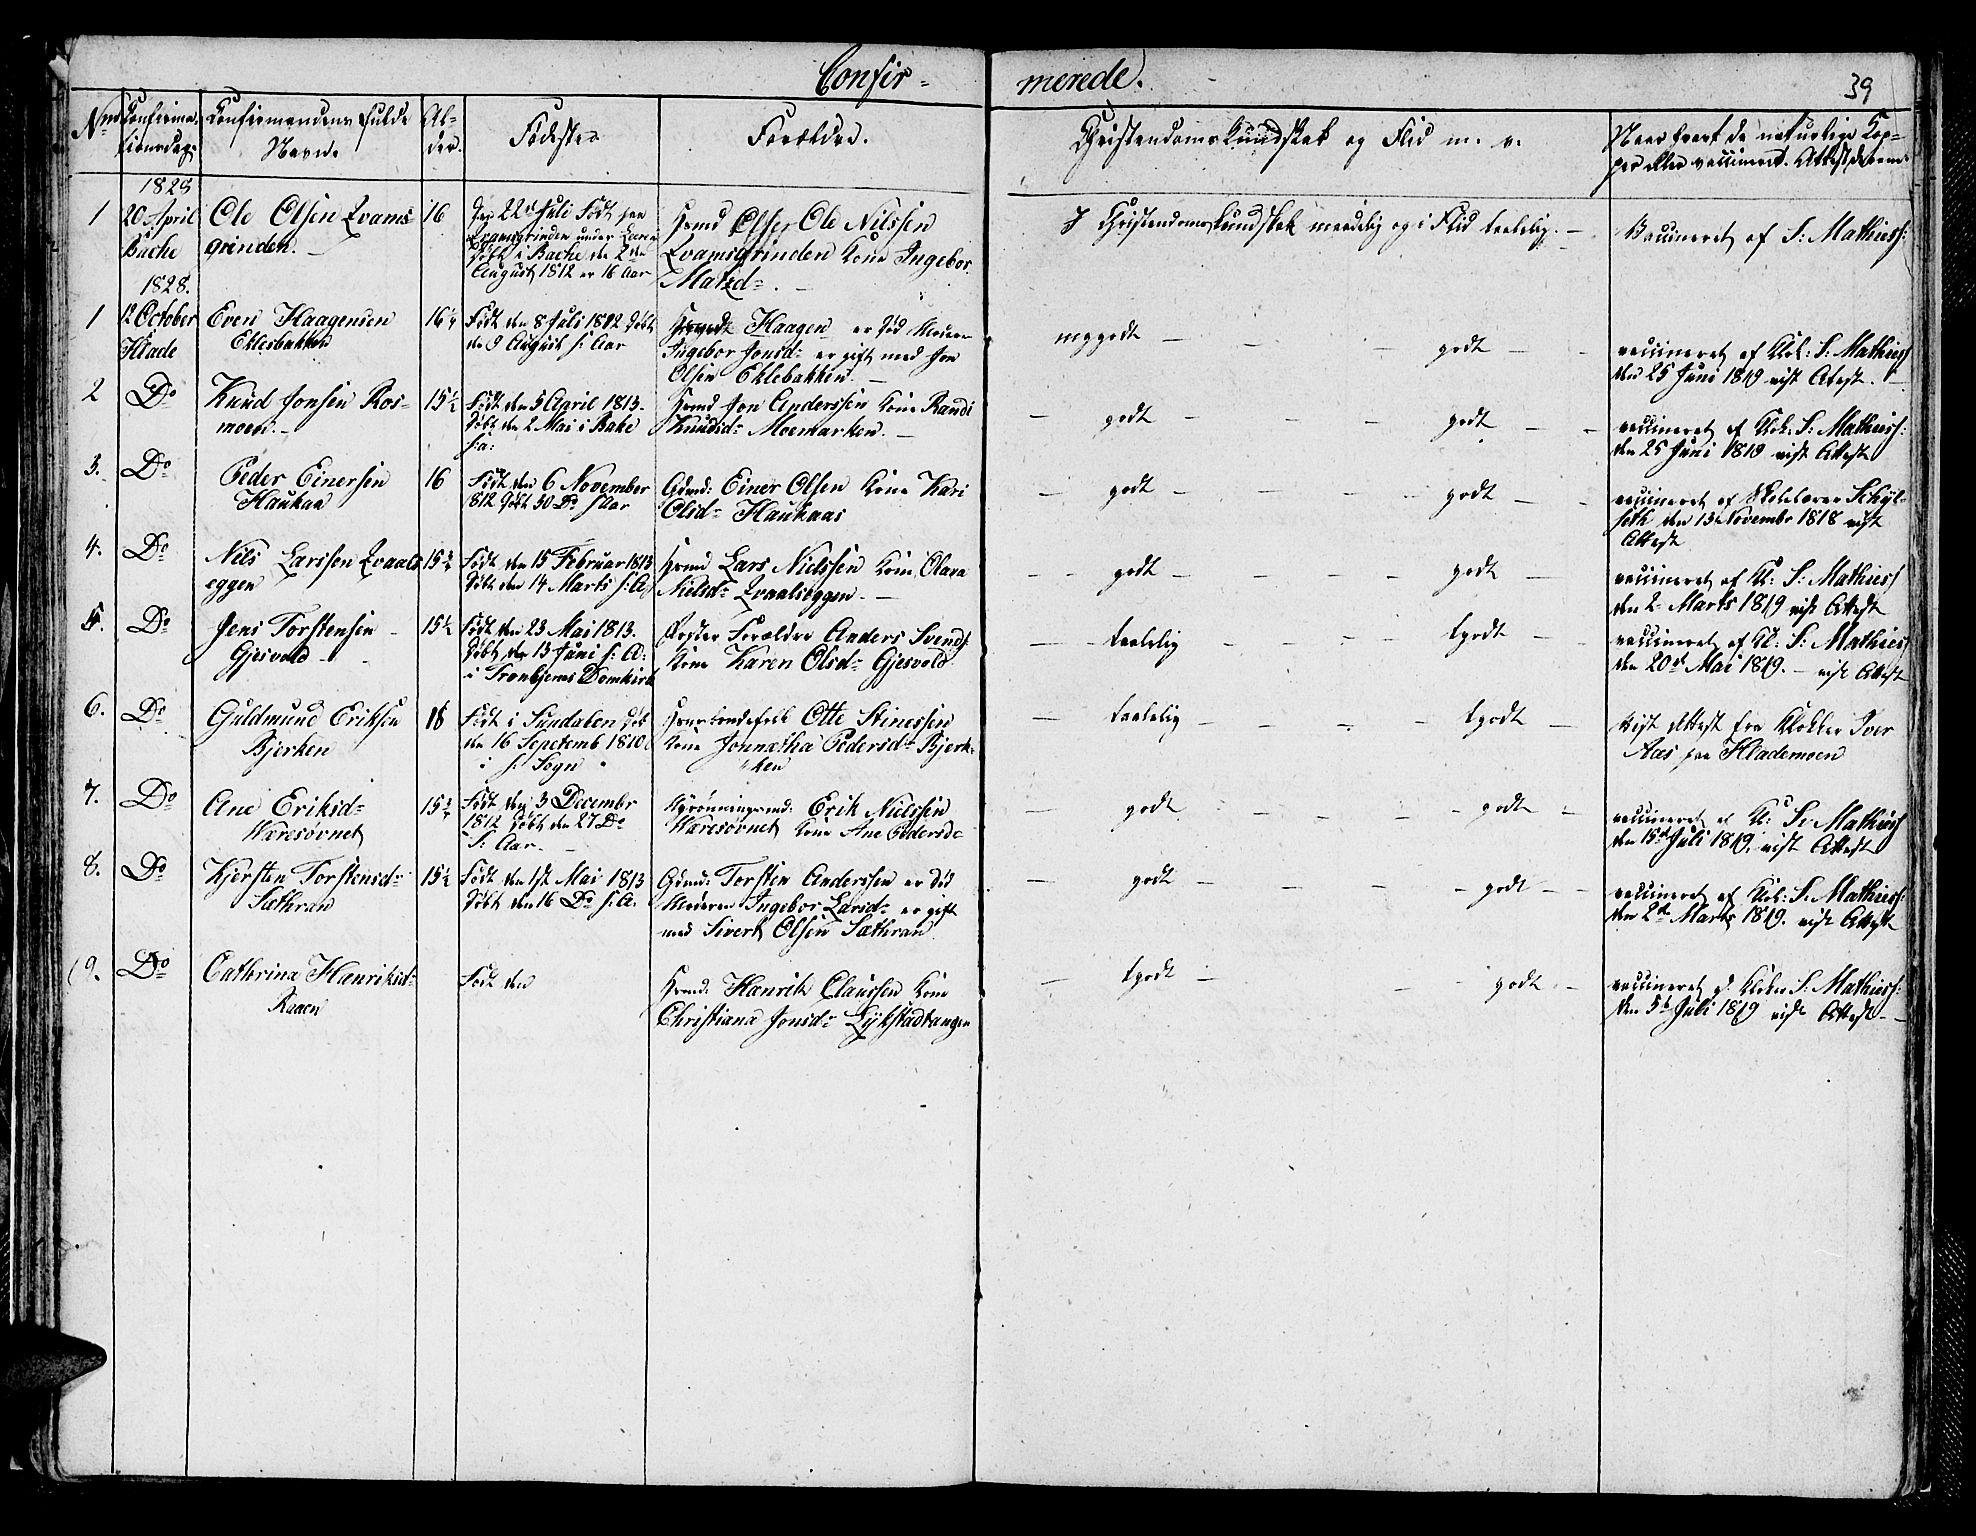 SAT, Ministerialprotokoller, klokkerbøker og fødselsregistre - Sør-Trøndelag, 608/L0337: Klokkerbok nr. 608C03, 1821-1831, s. 39